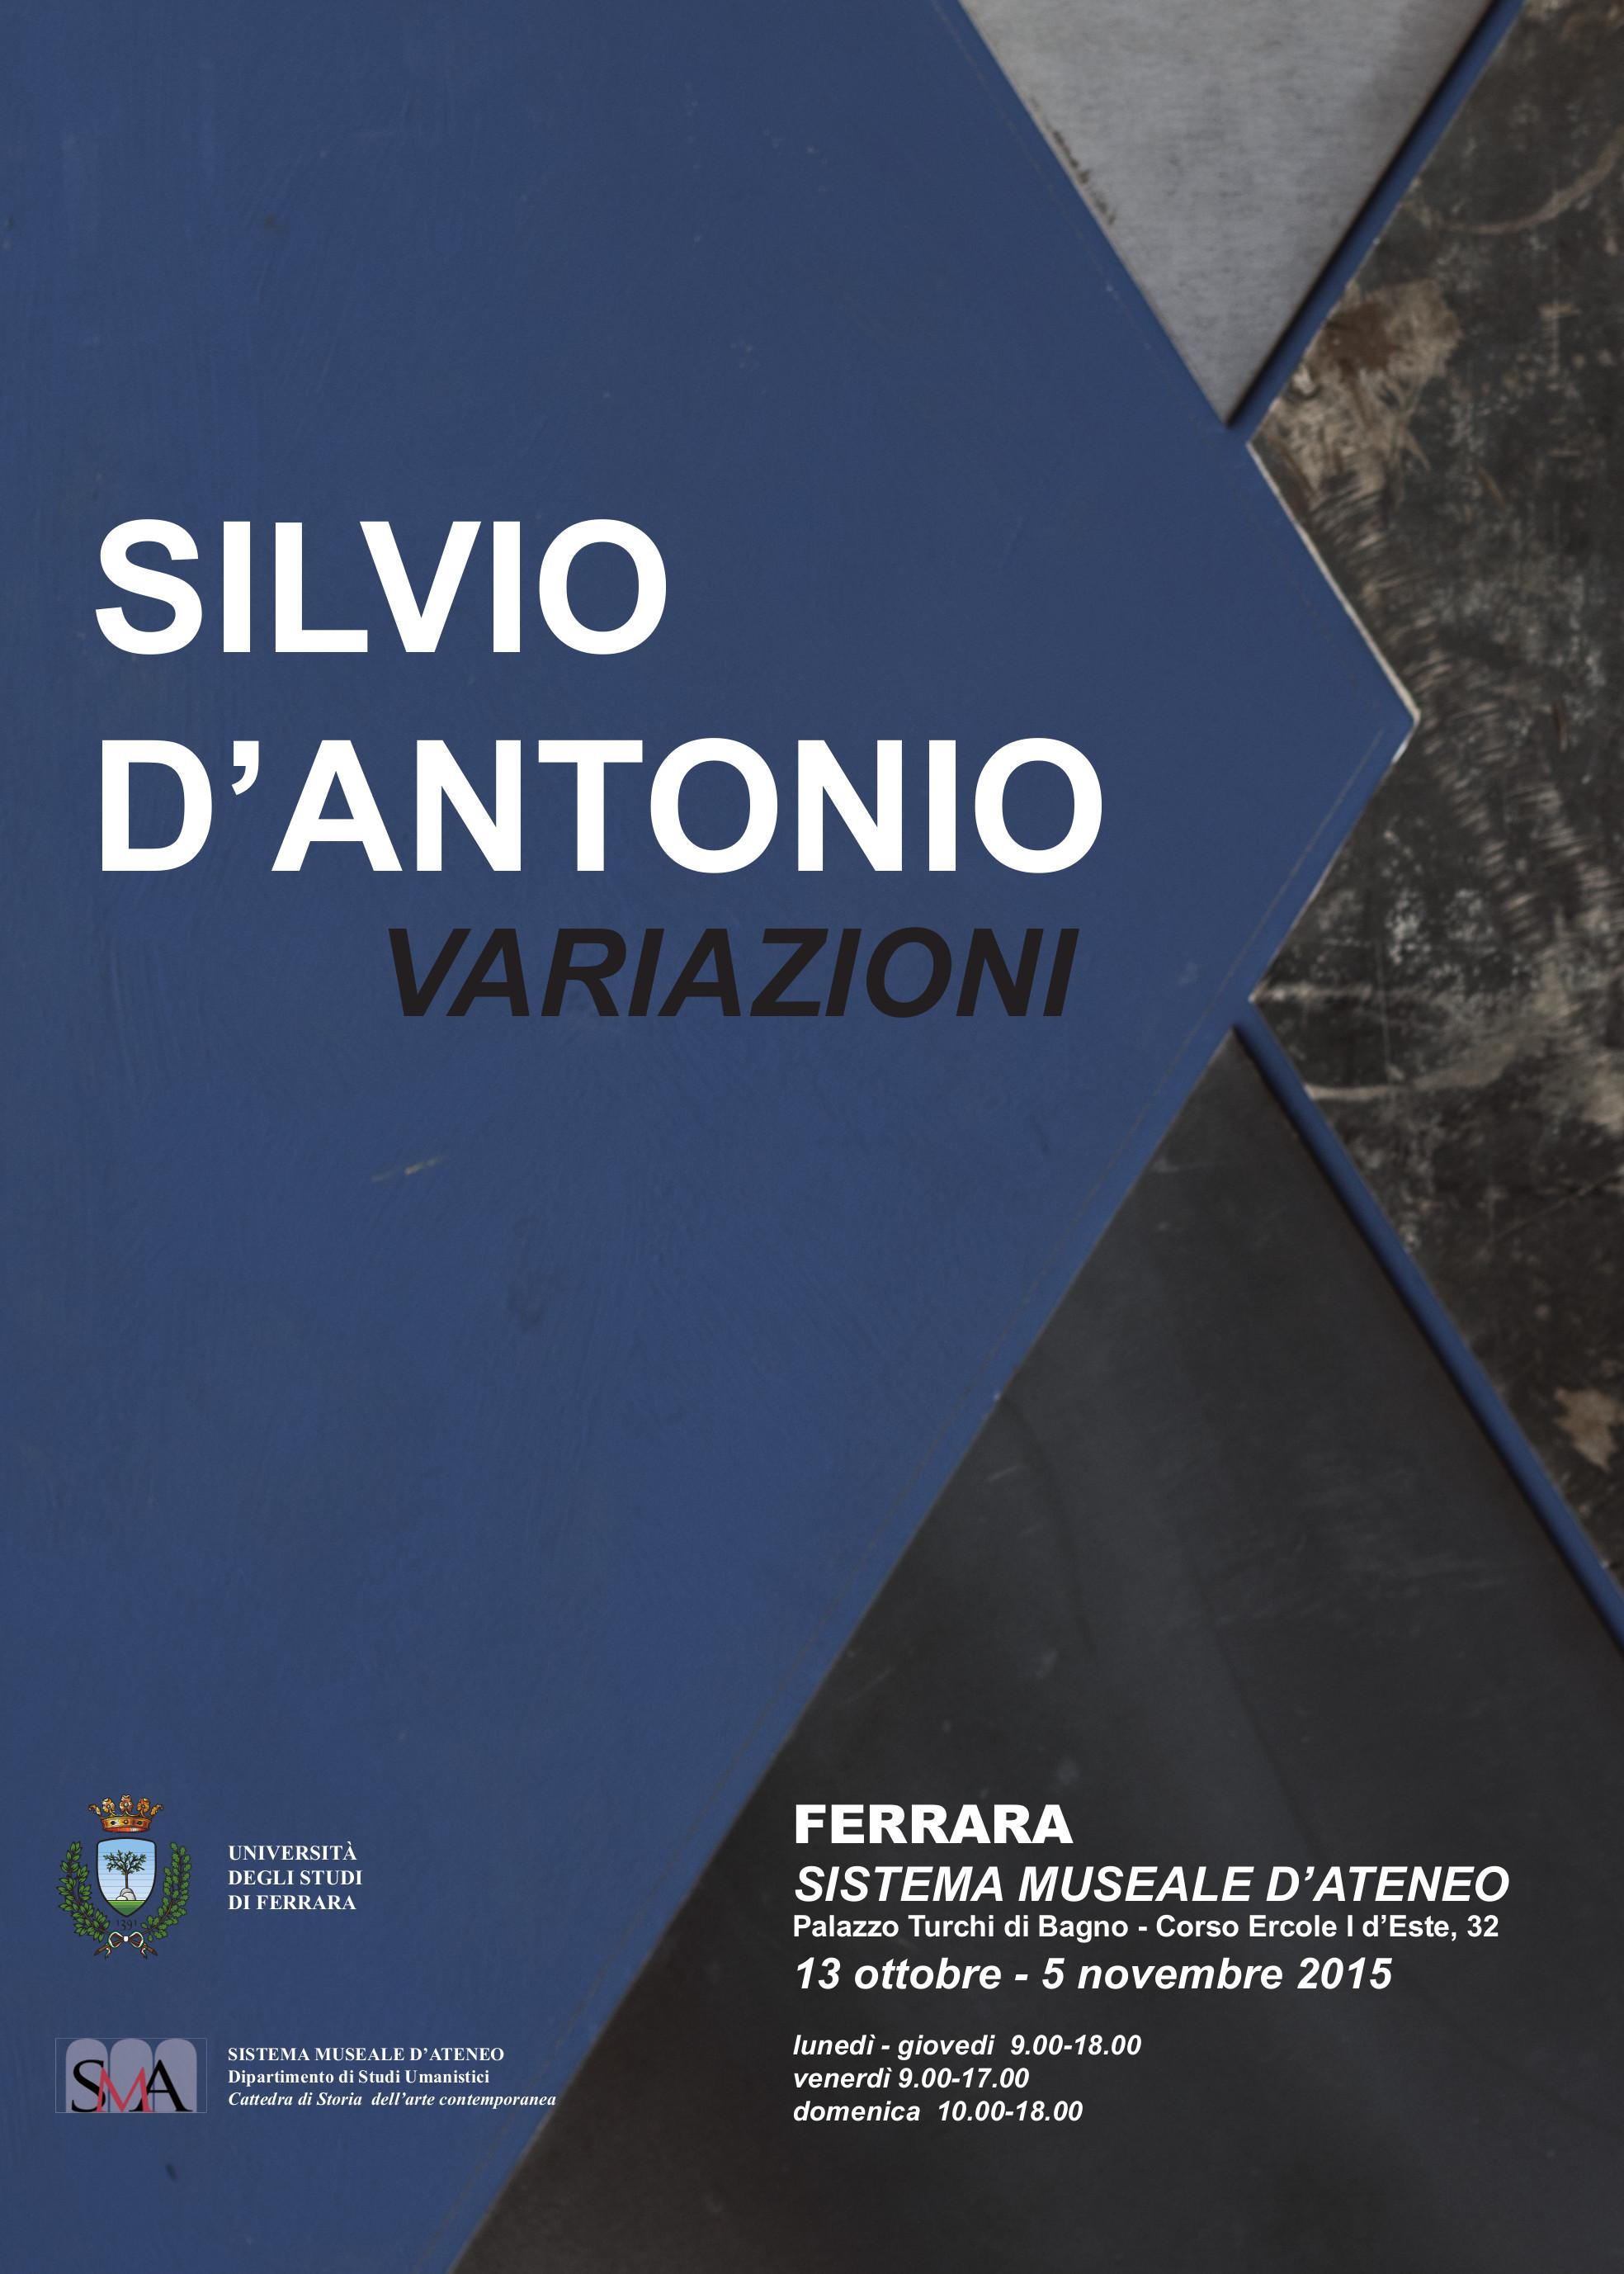 Silvio D'Antonio: variazioni